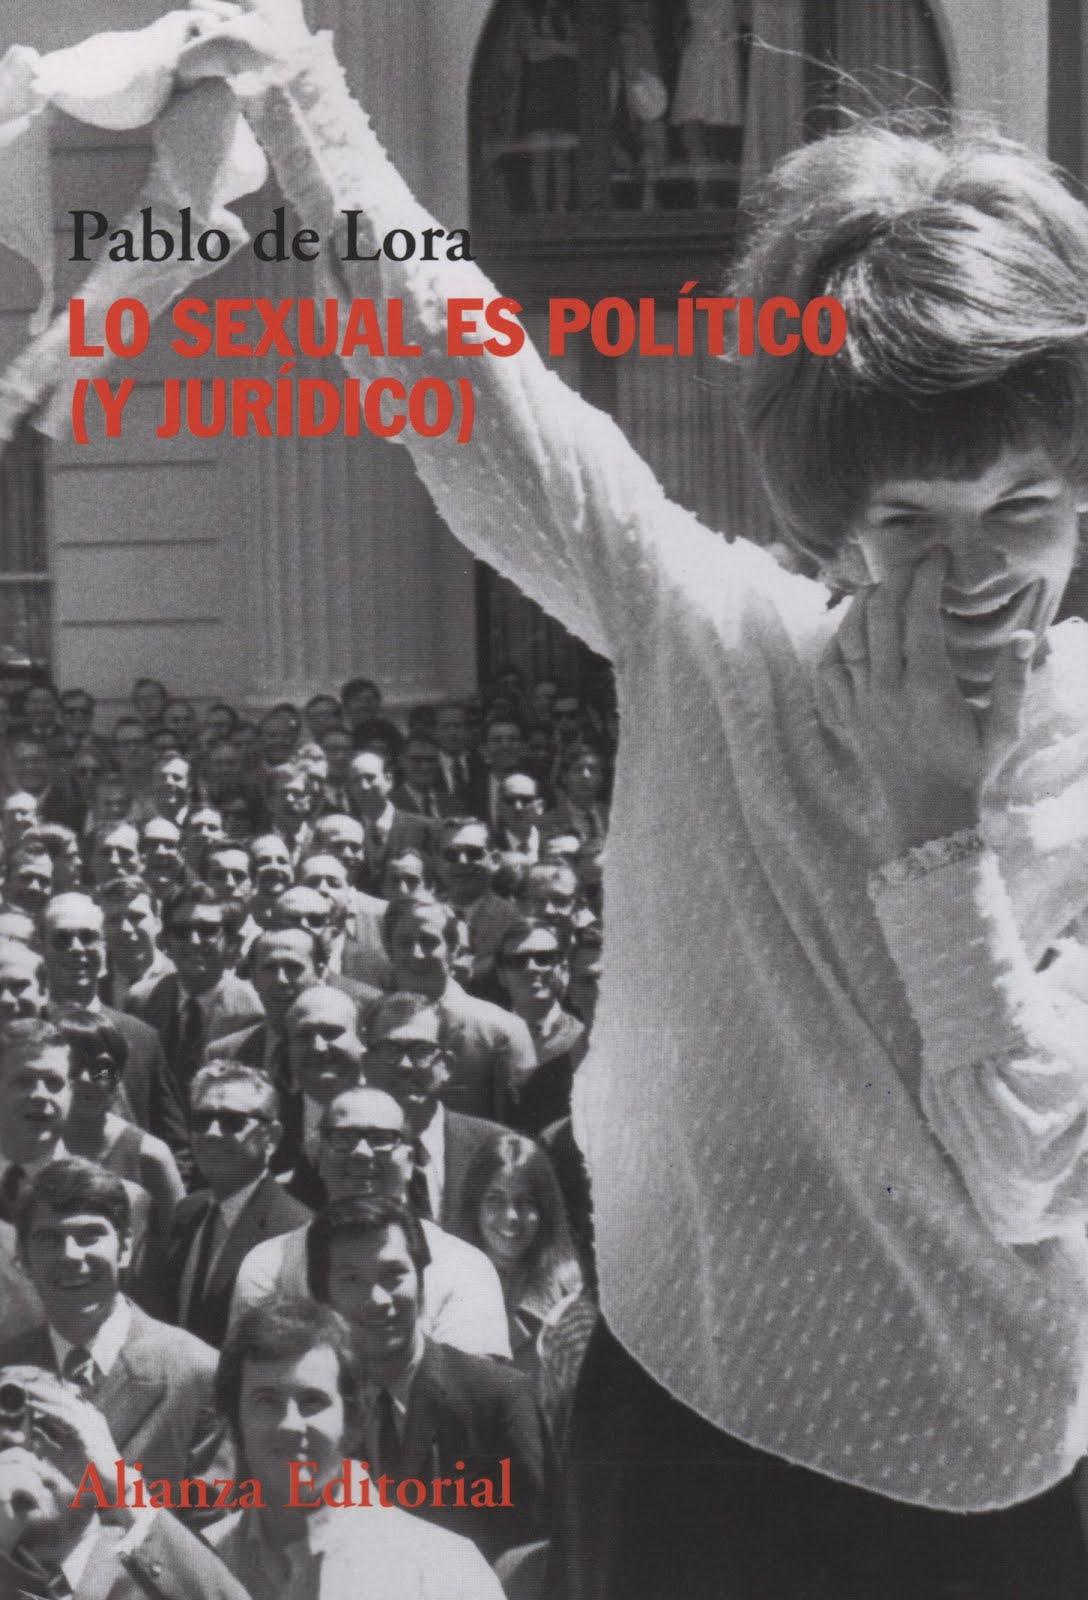 Pablo de Lora (Lo sexual es político (y jurídico)